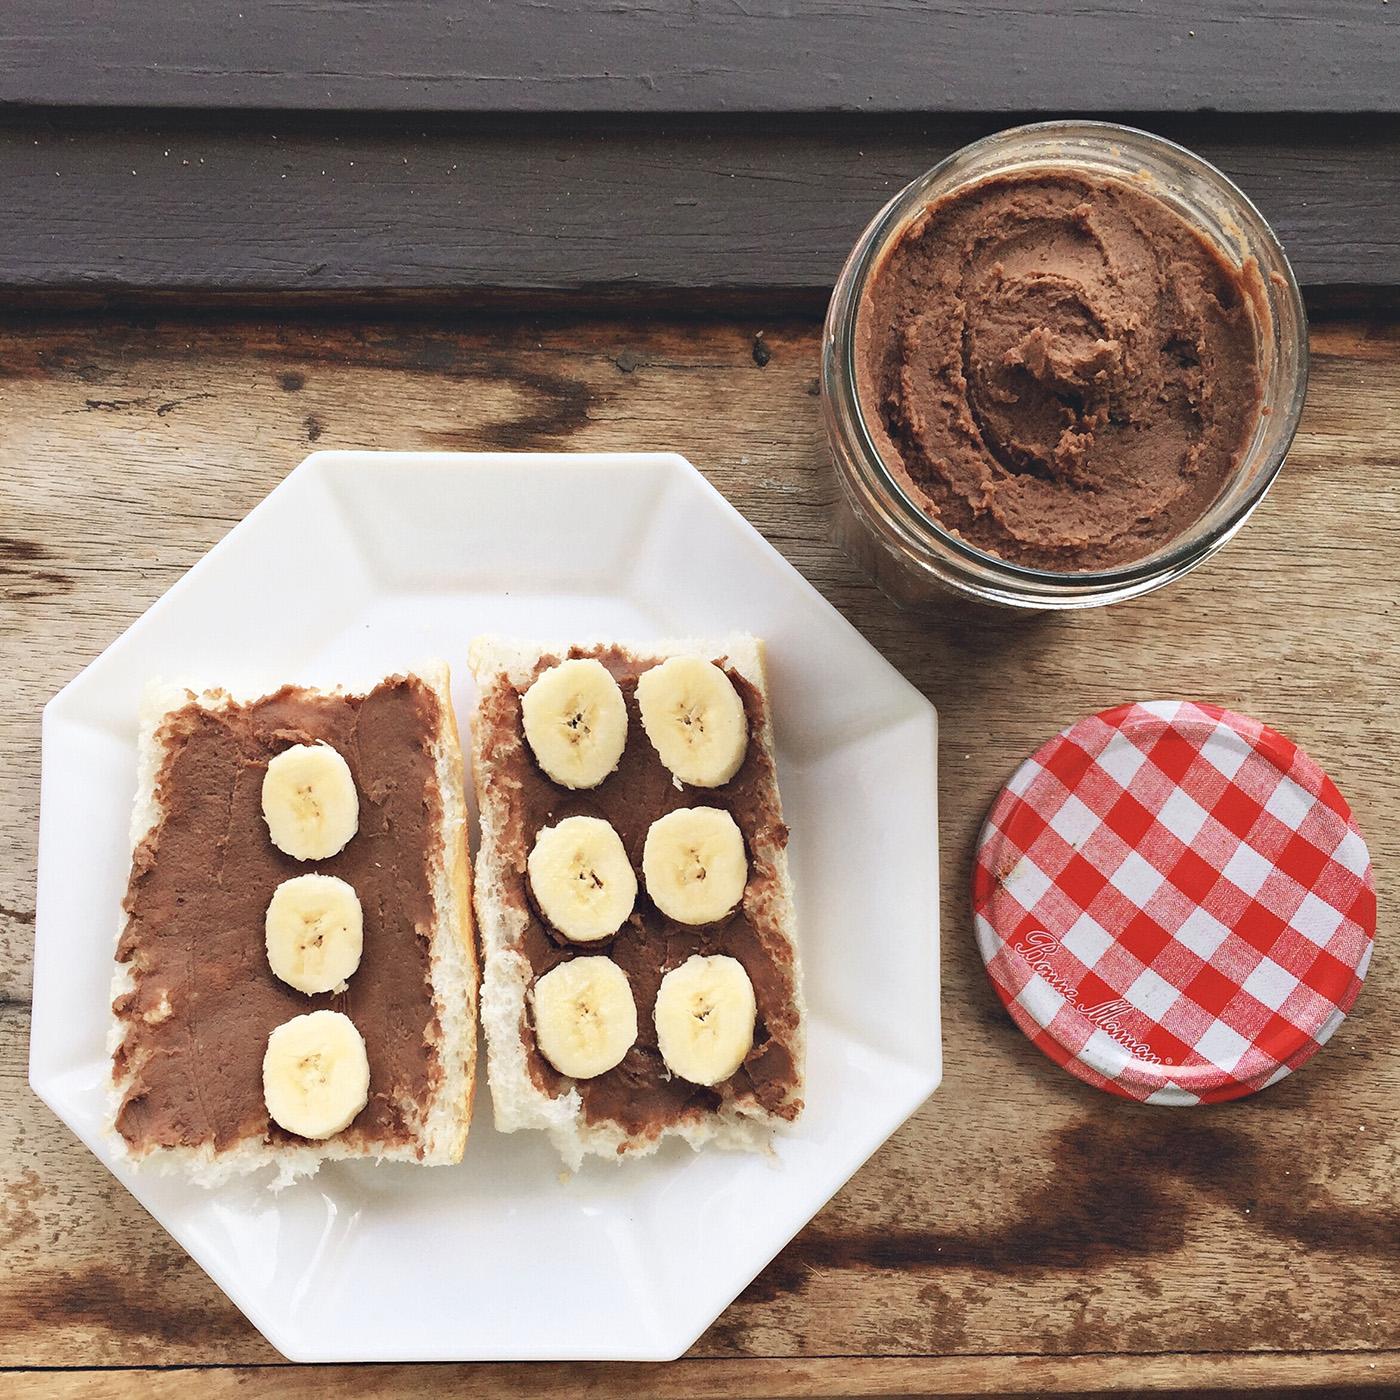 Tartines et houmous au chocolat